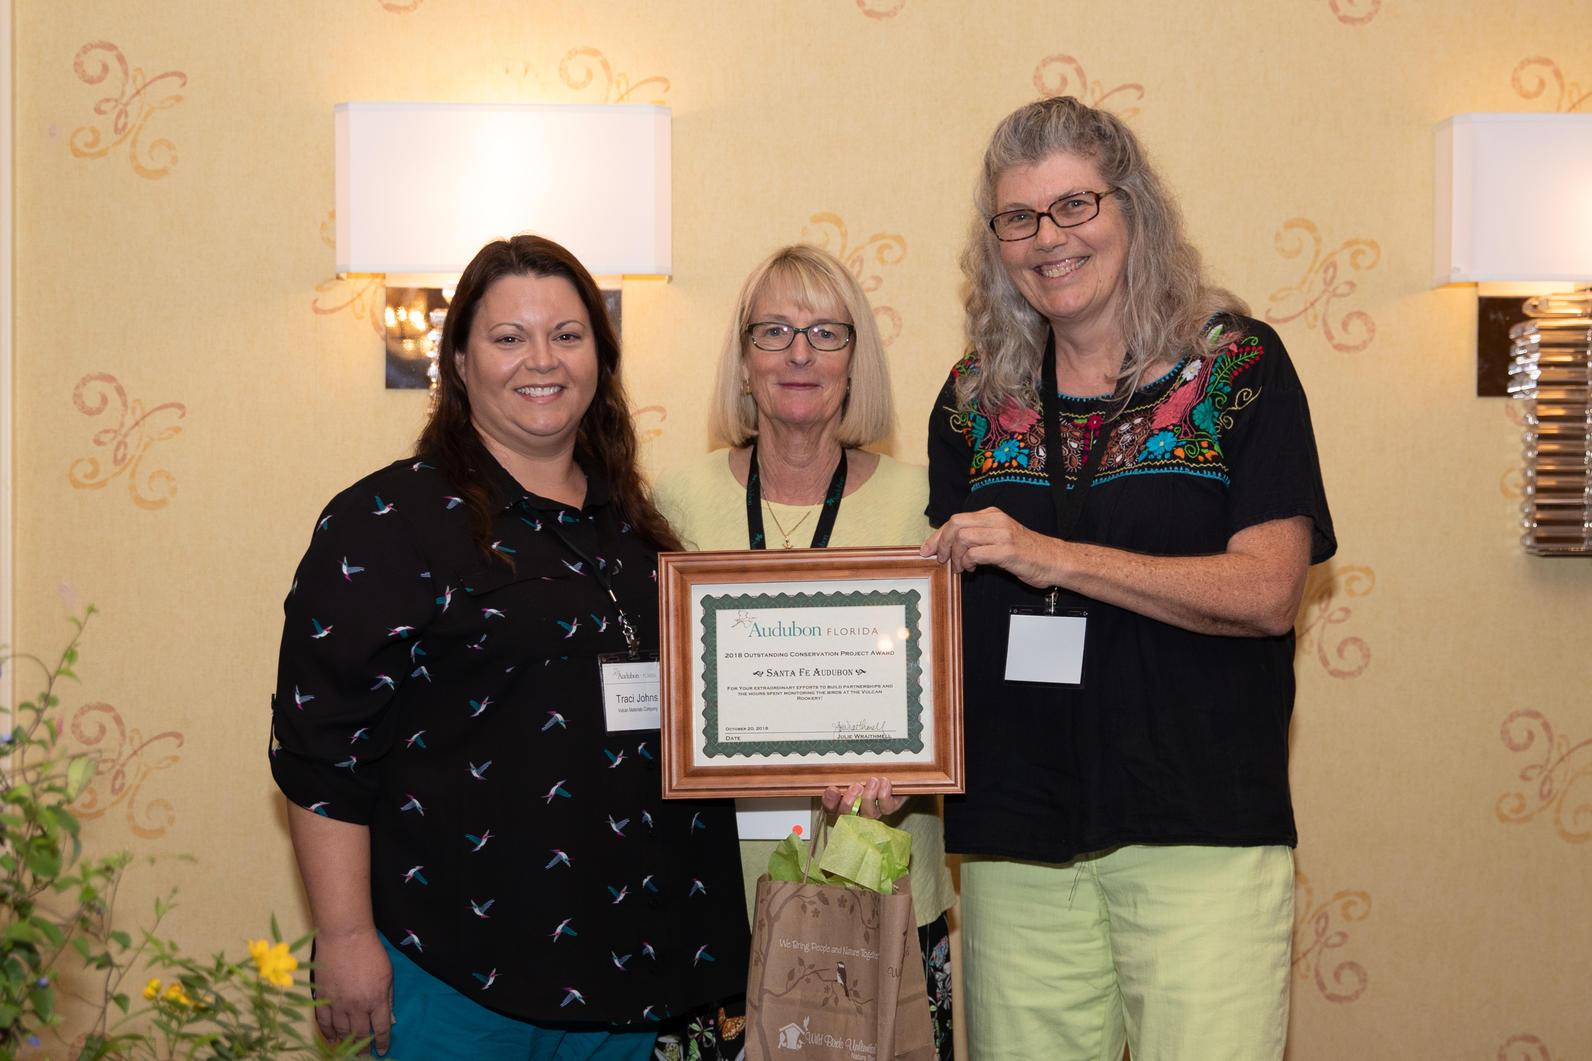 Sante Fe Audubon won Best Conservation Project